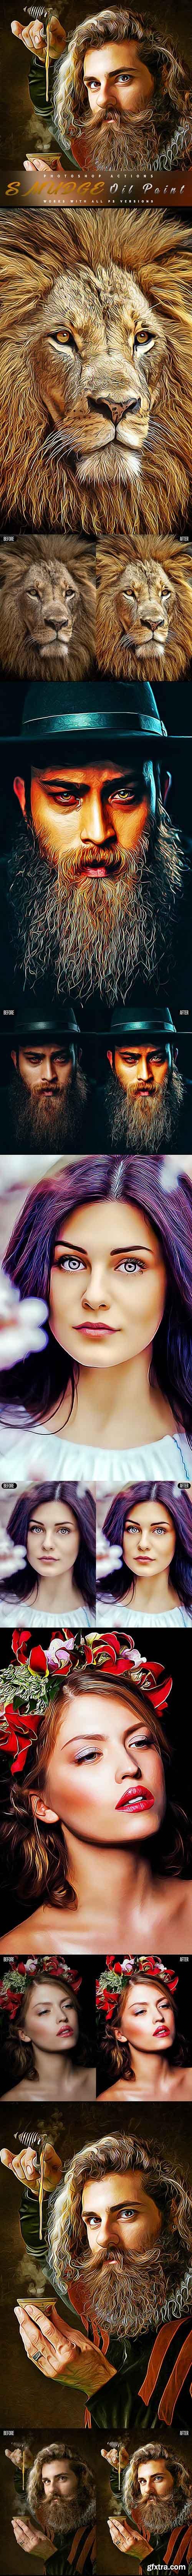 GraphicRiver - Smudge Oil Paint - Photoshop Action 28283756